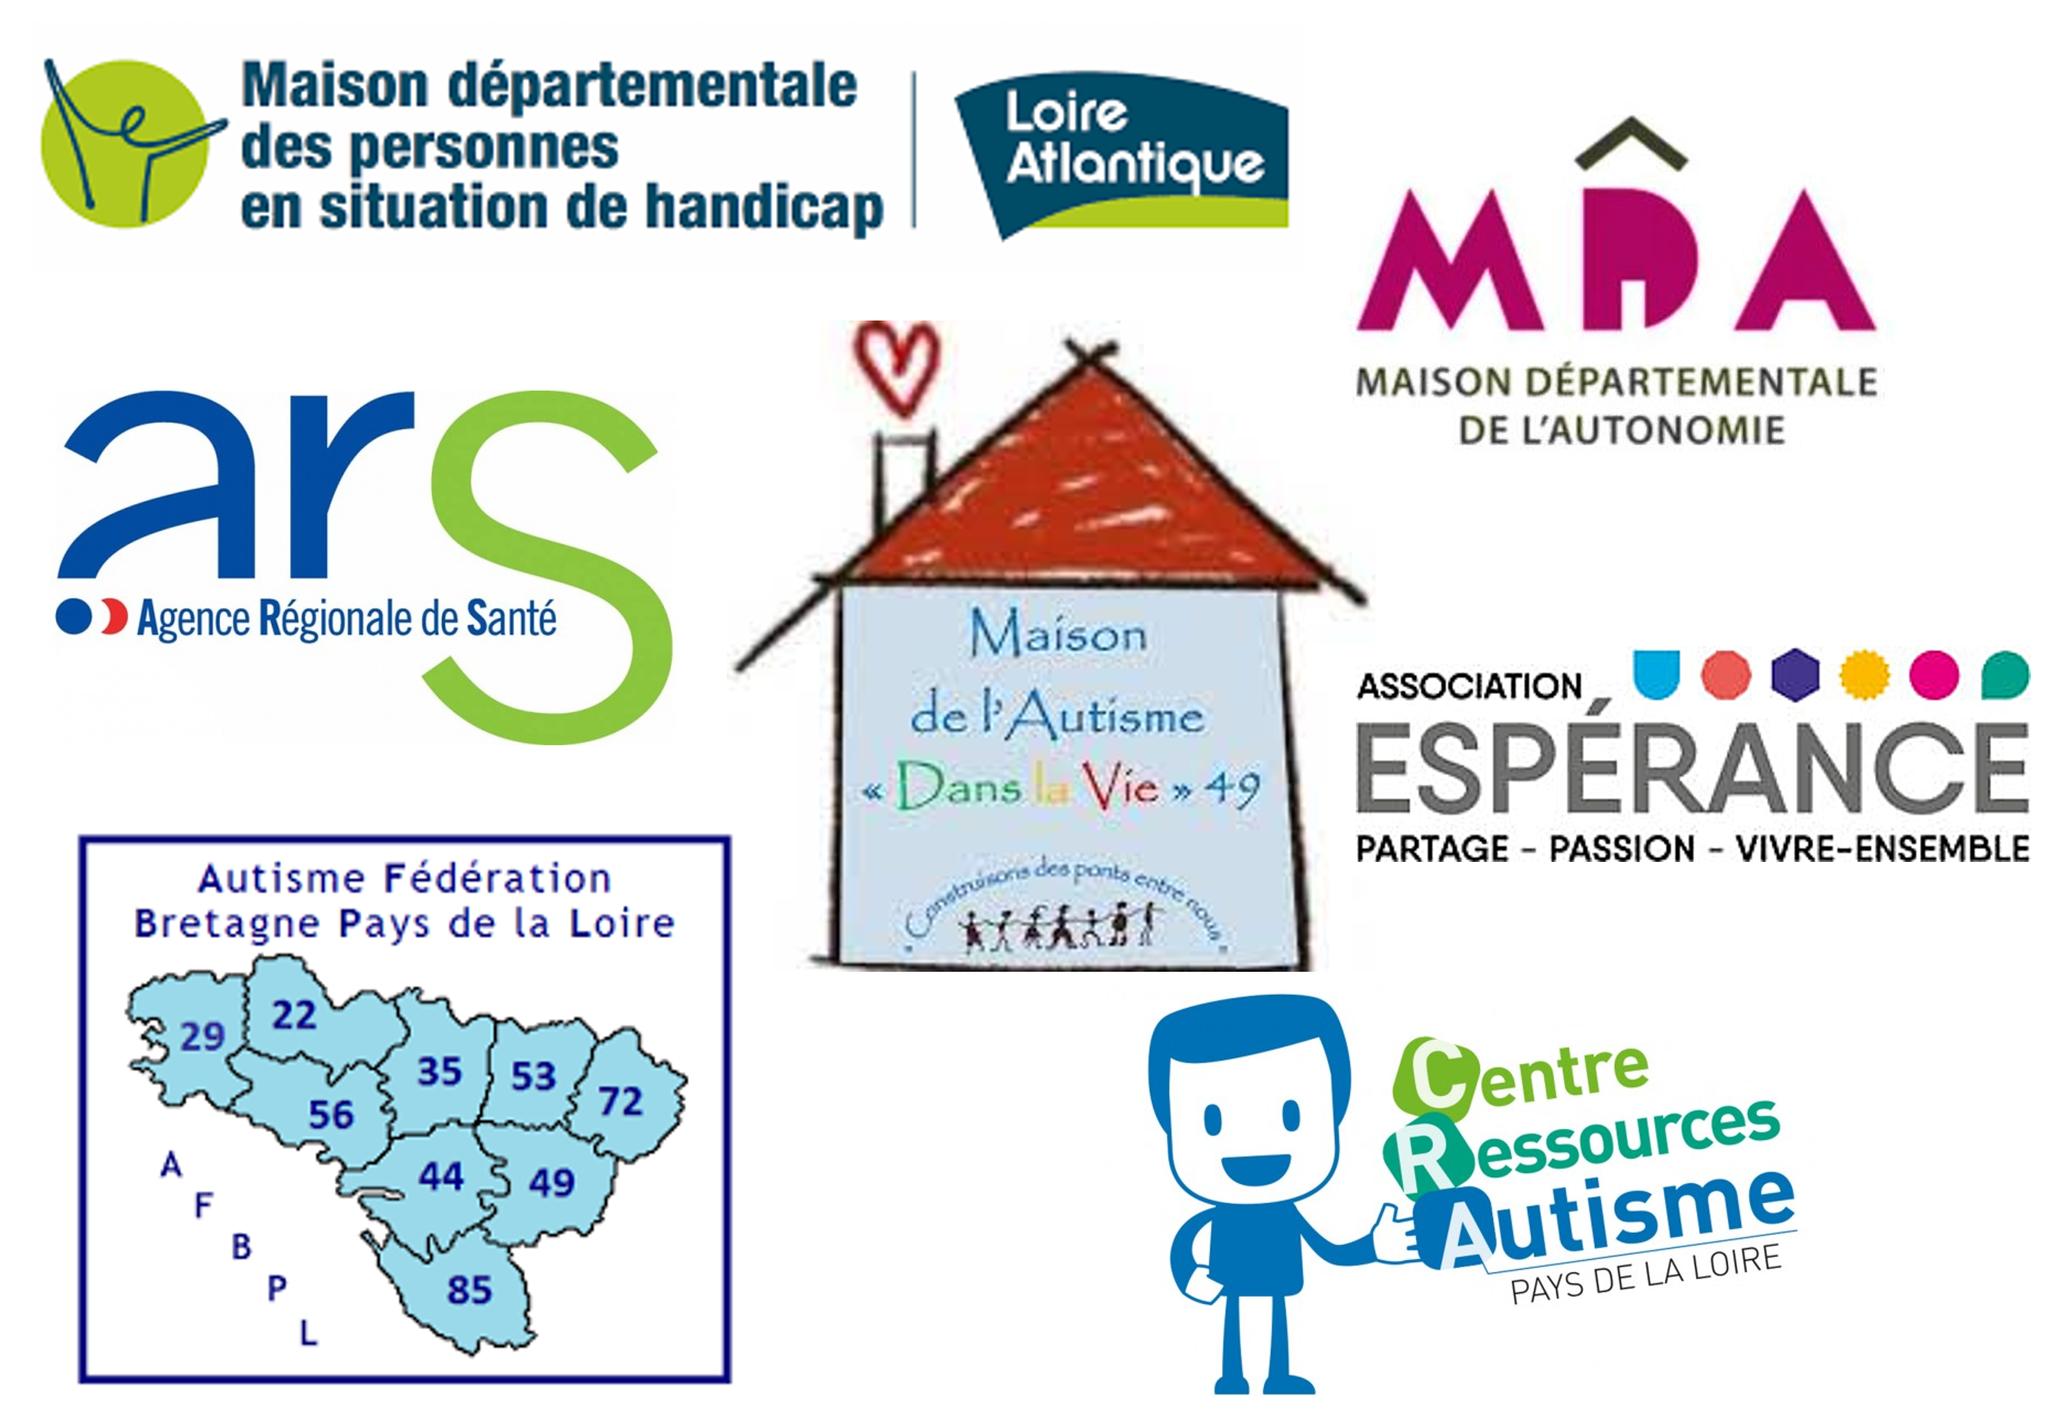 REPRESENTER les personnes autistes et les familles dans les institutions locales et régionales.